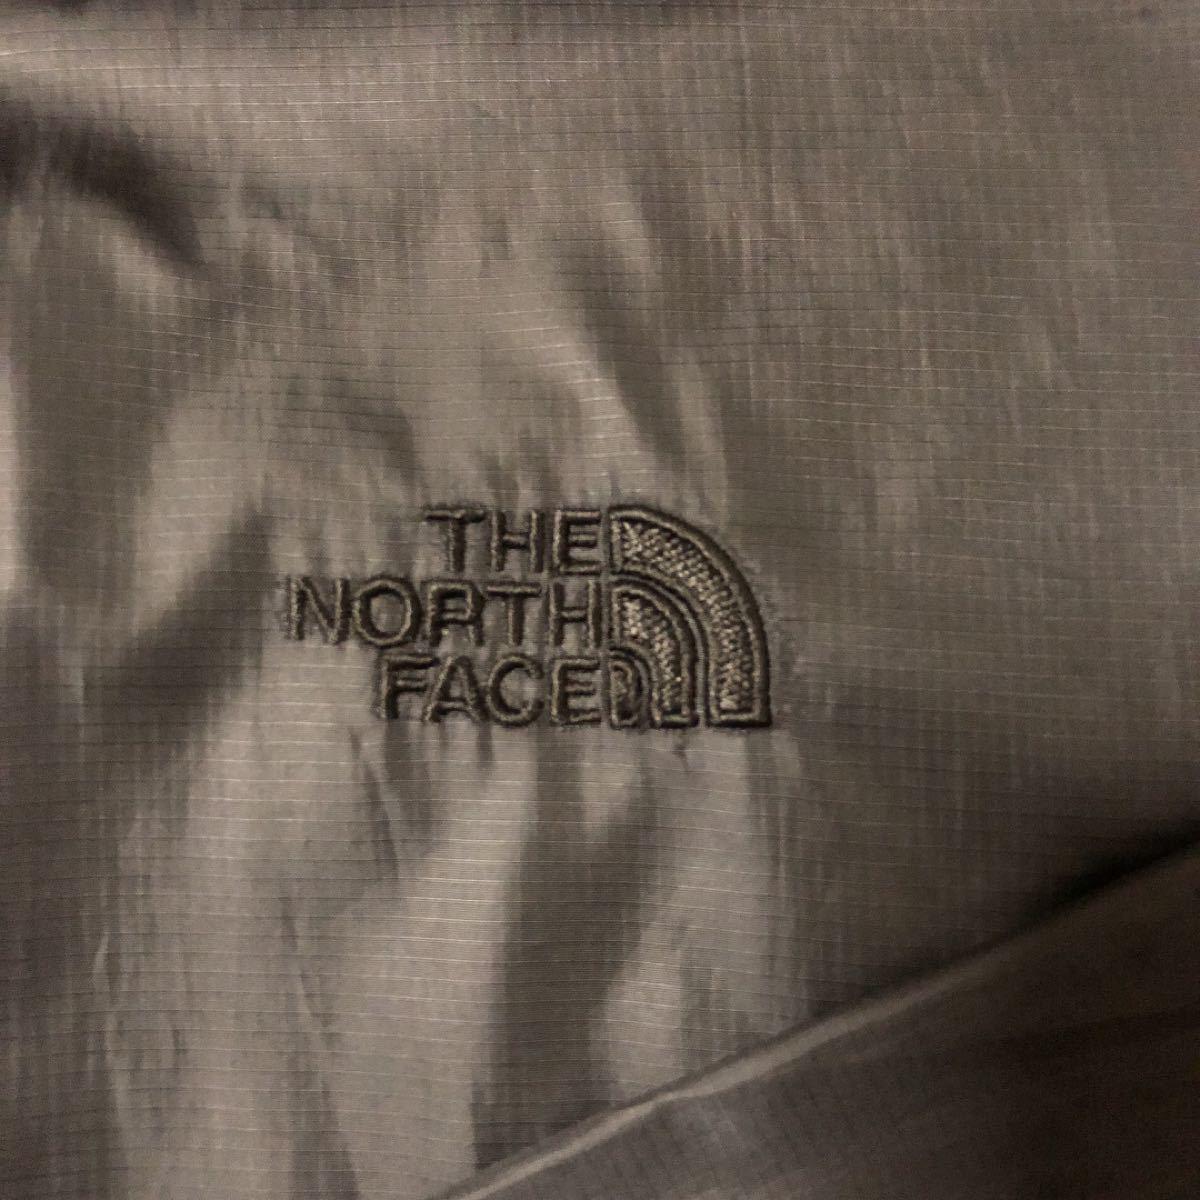 THE NORTH FACE ザ ノース フェイス コンパクト ジャケット